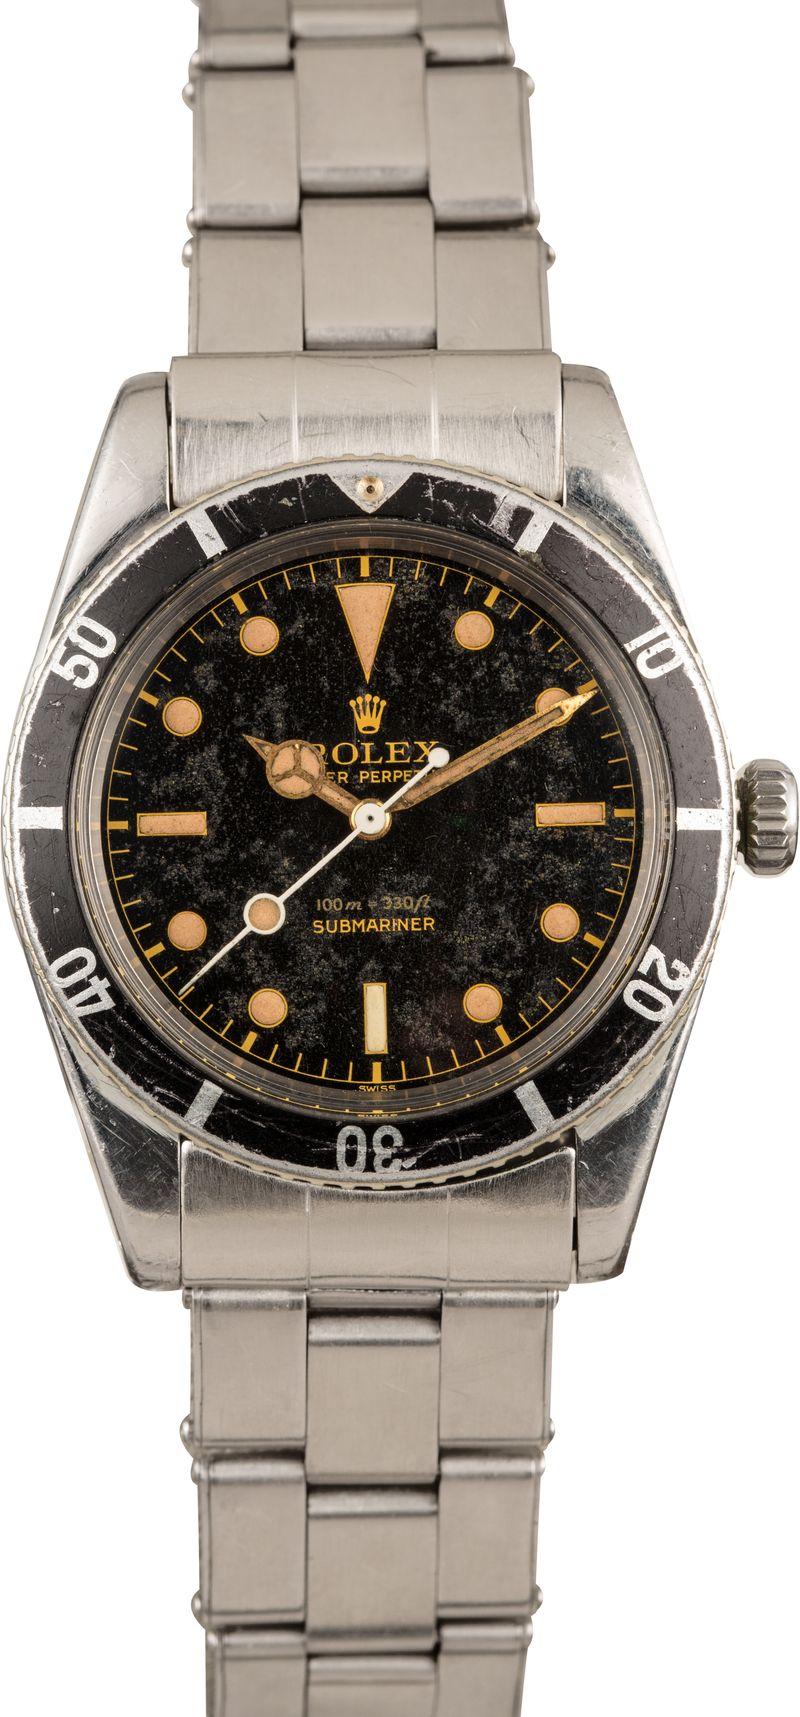 Bob's Watches Fresh Finds Vintage Rolex Auction Submariner 6536